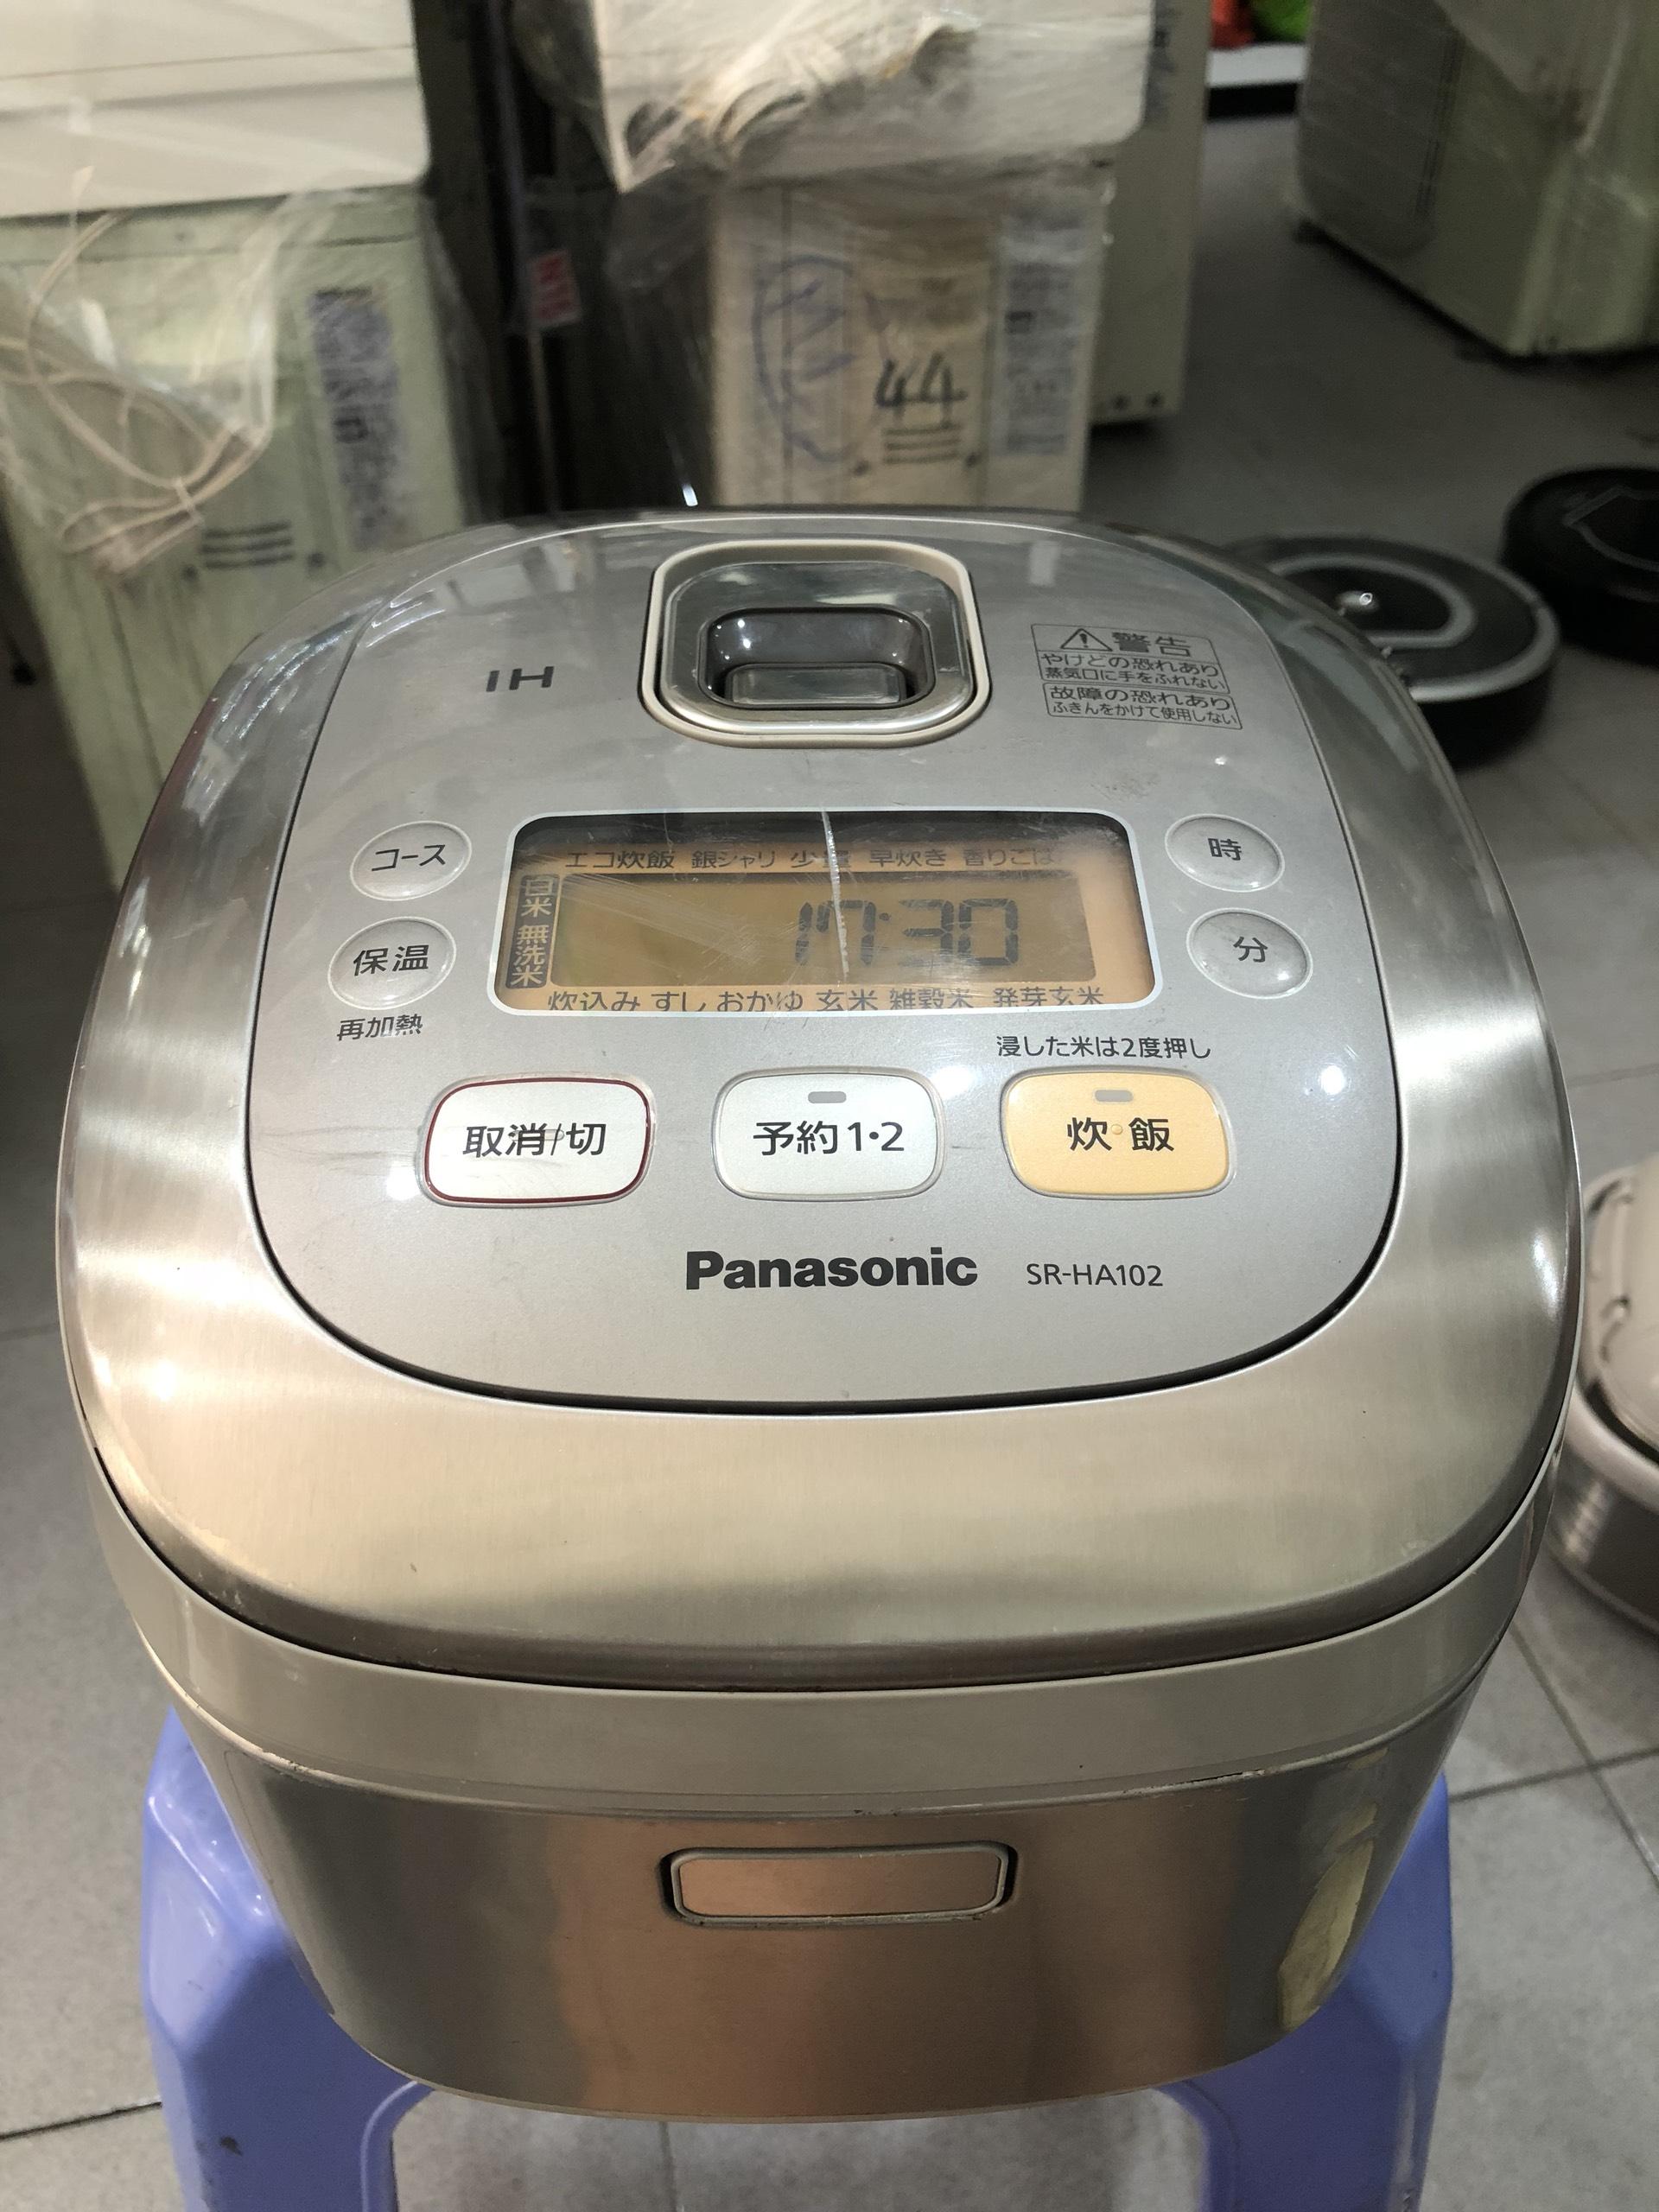 NỒI CƠM ĐIỆN PANASONIC SR-HA102